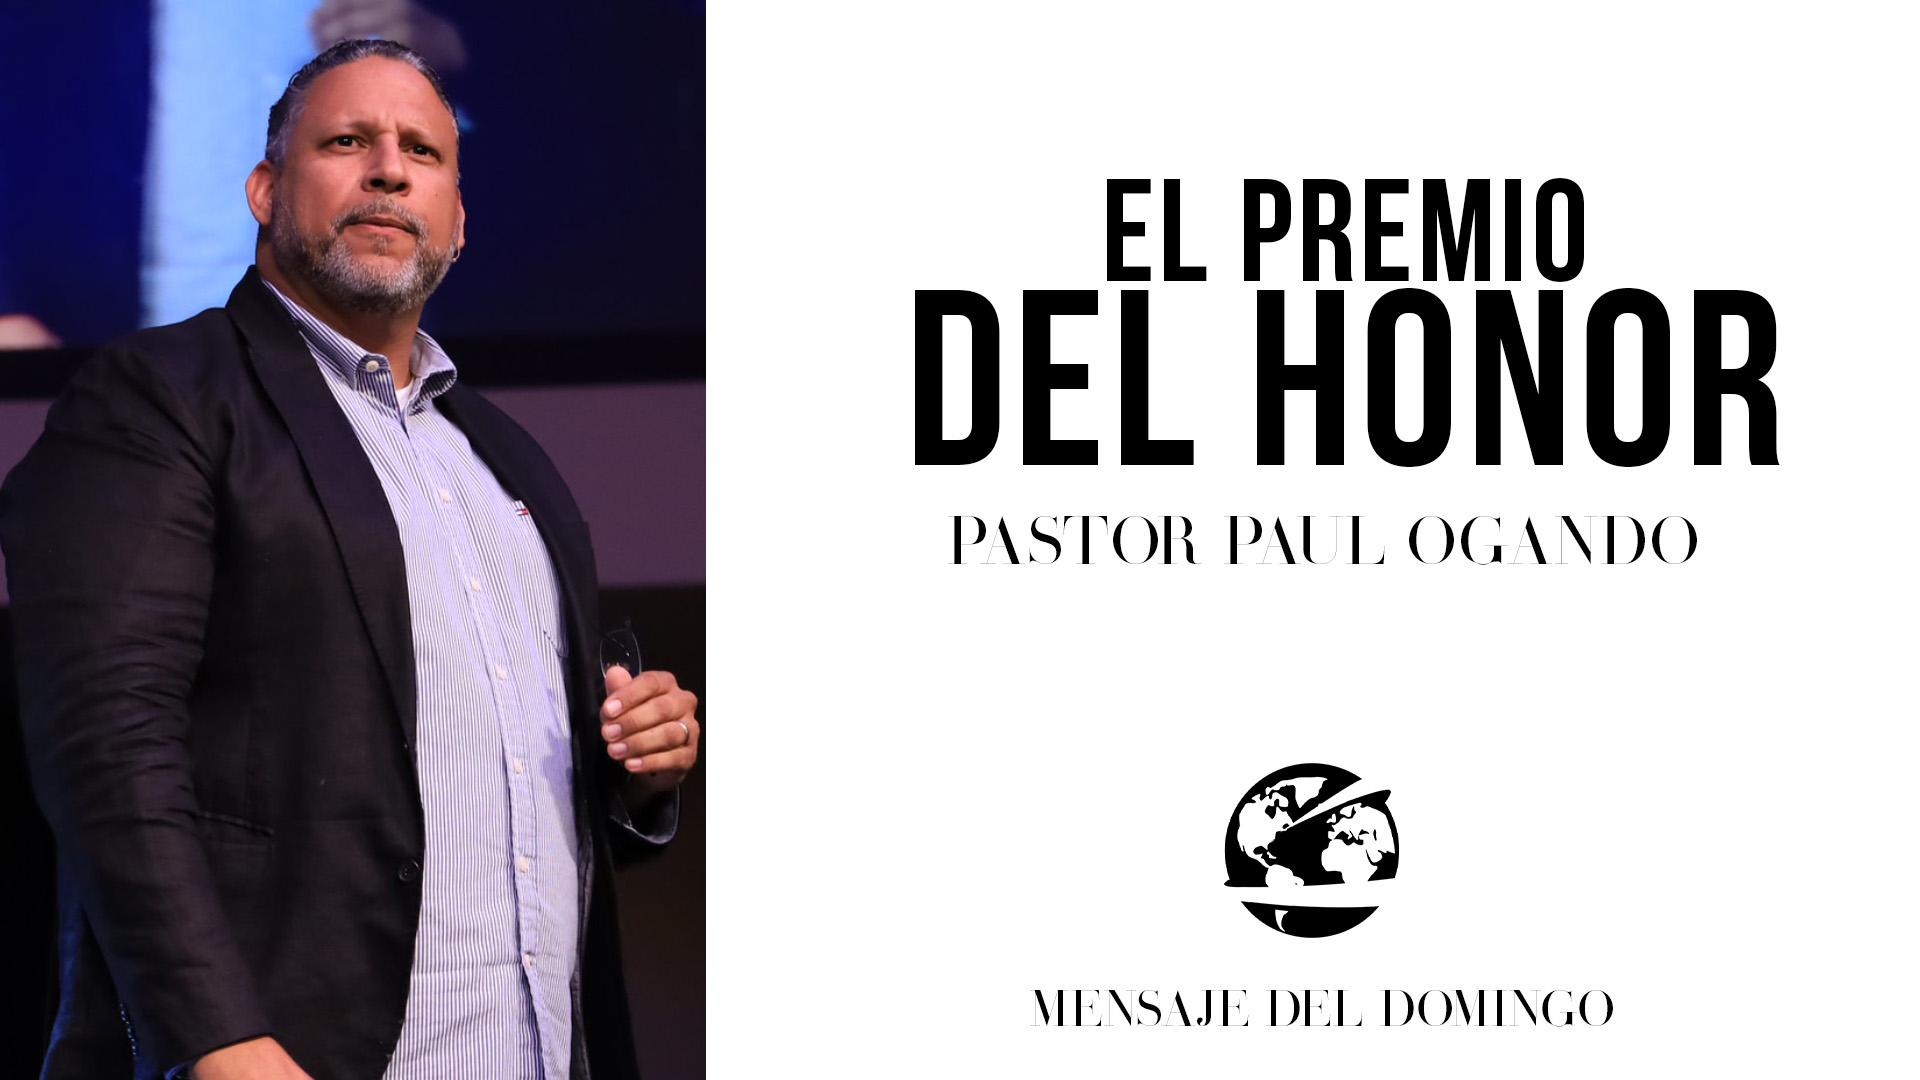 Watch El Premio del Honor